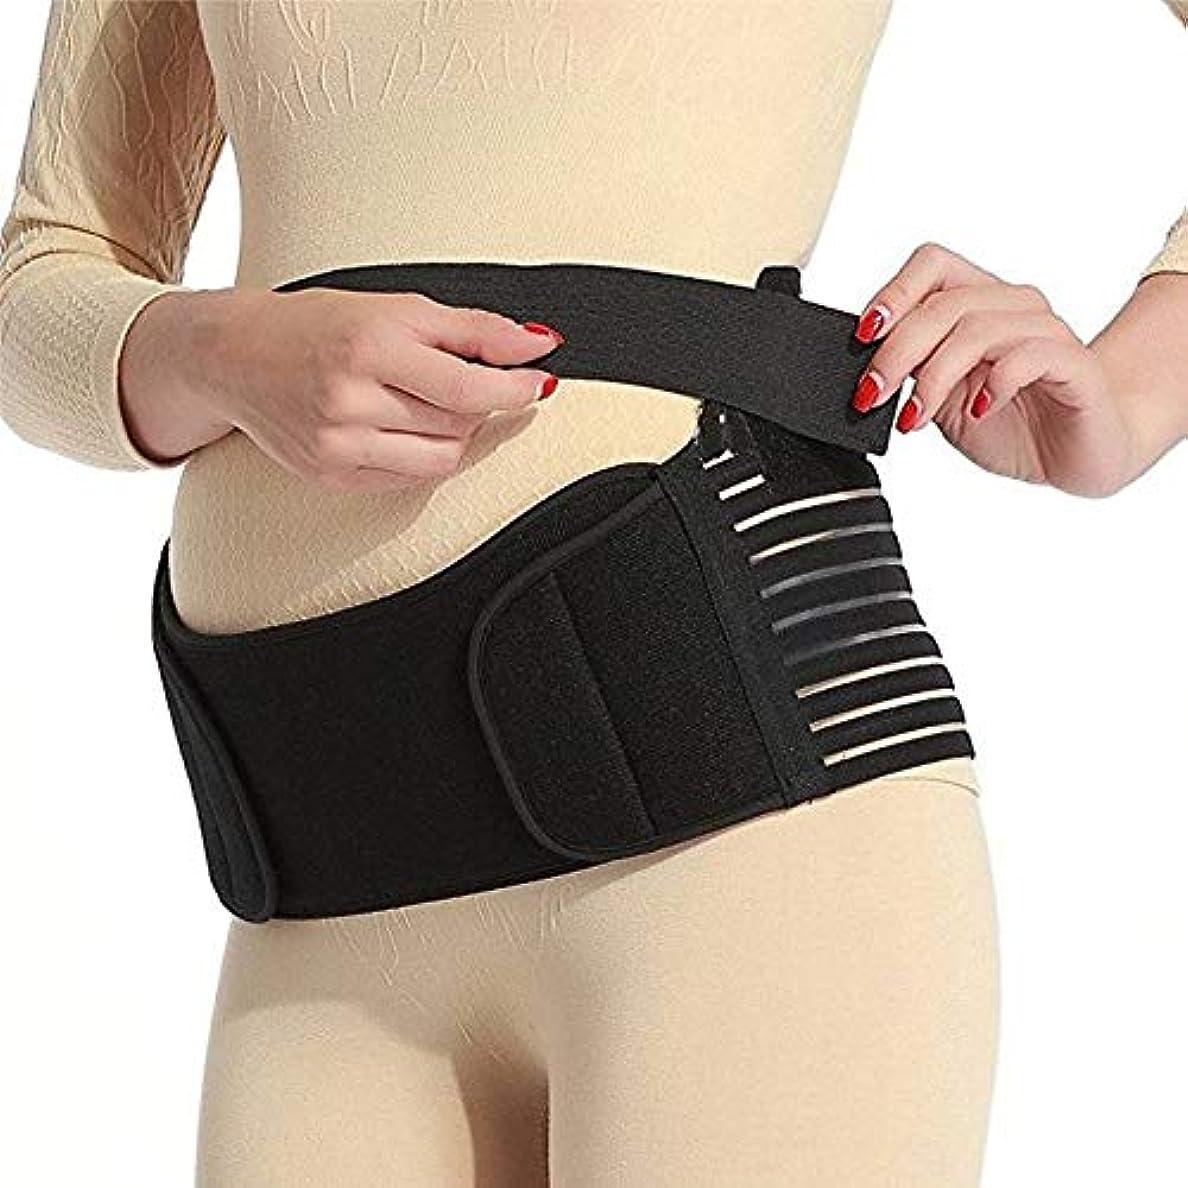 ムスタチオ爵スキム通気性マタニティベルト妊娠中の腹部サポート腹部バインダーガードル運動包帯産後の回復shapewear - ブラックM